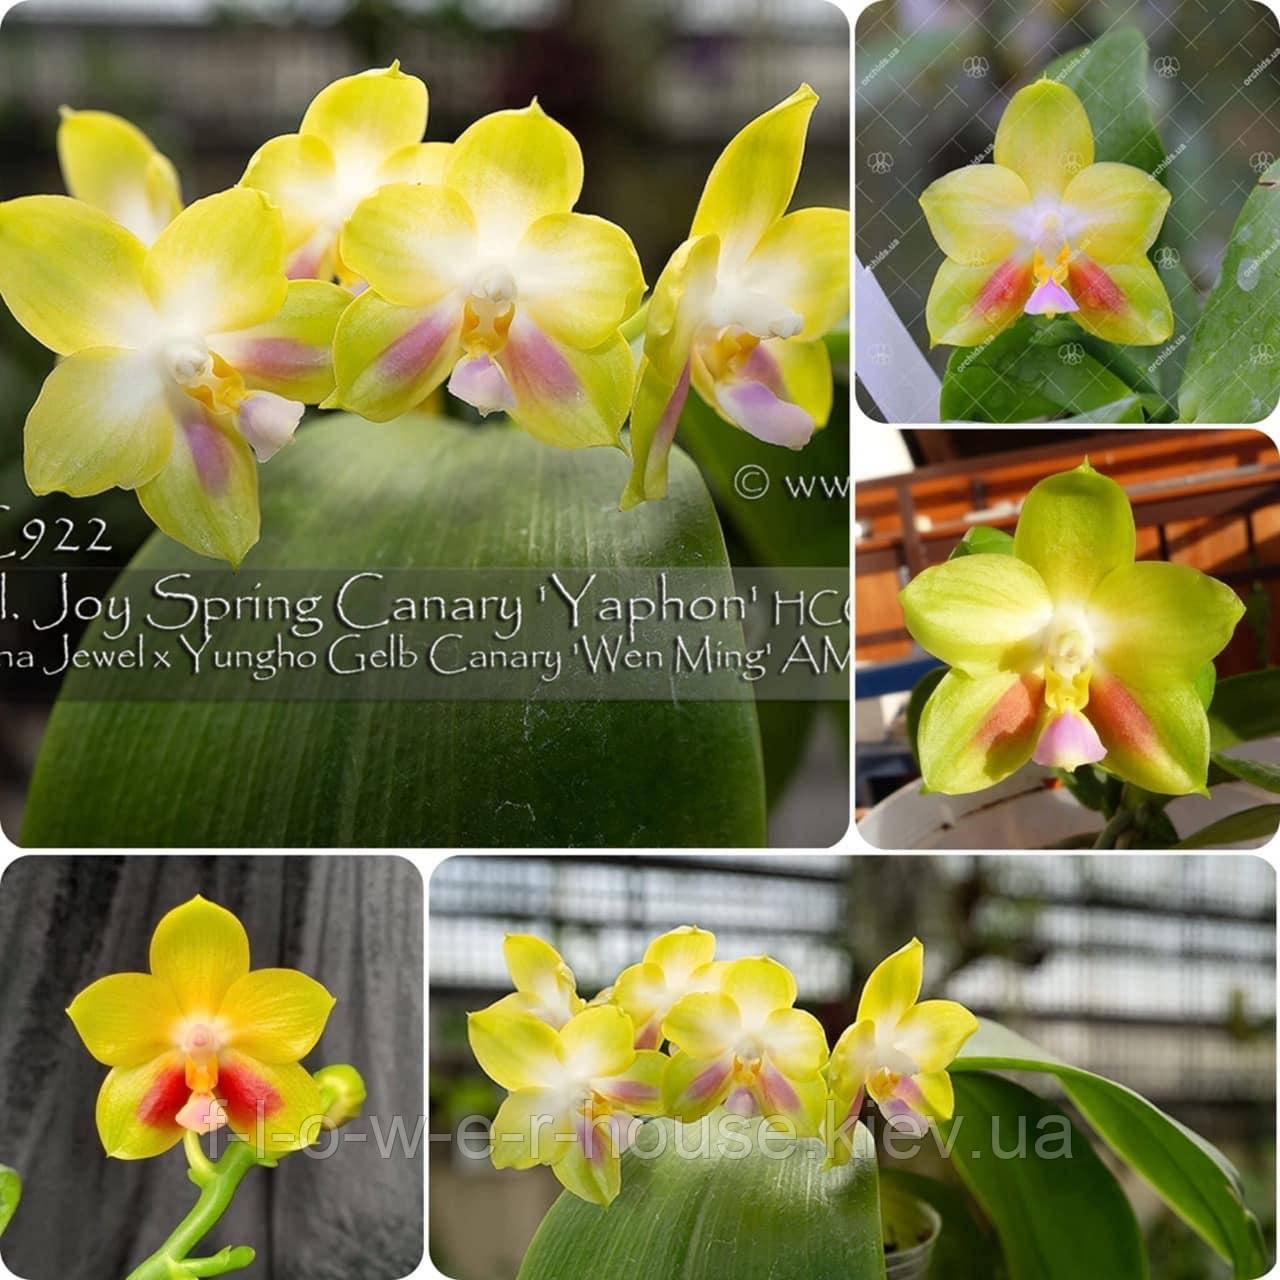 P. Joy Spring Canary 'Yaphon'